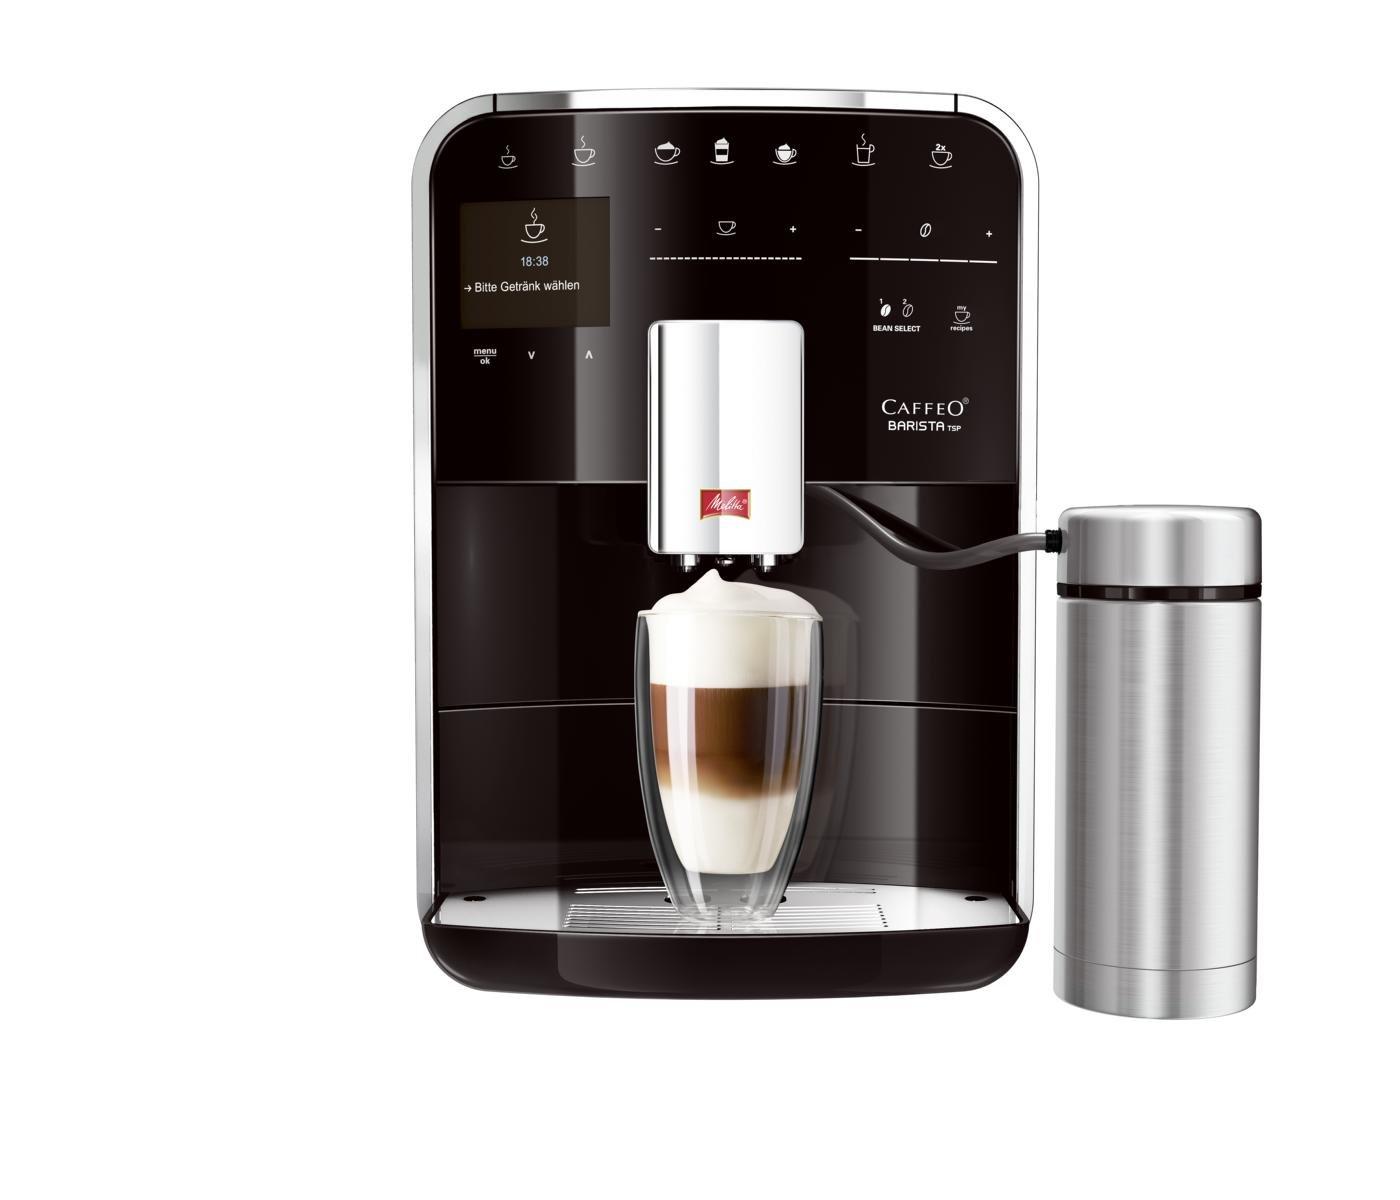 Melitta Caffeo Barista TS RVS - Macchina per caffè espresso, 1.8L, 15 tazze, Acciaio inossidabile F76/0-100